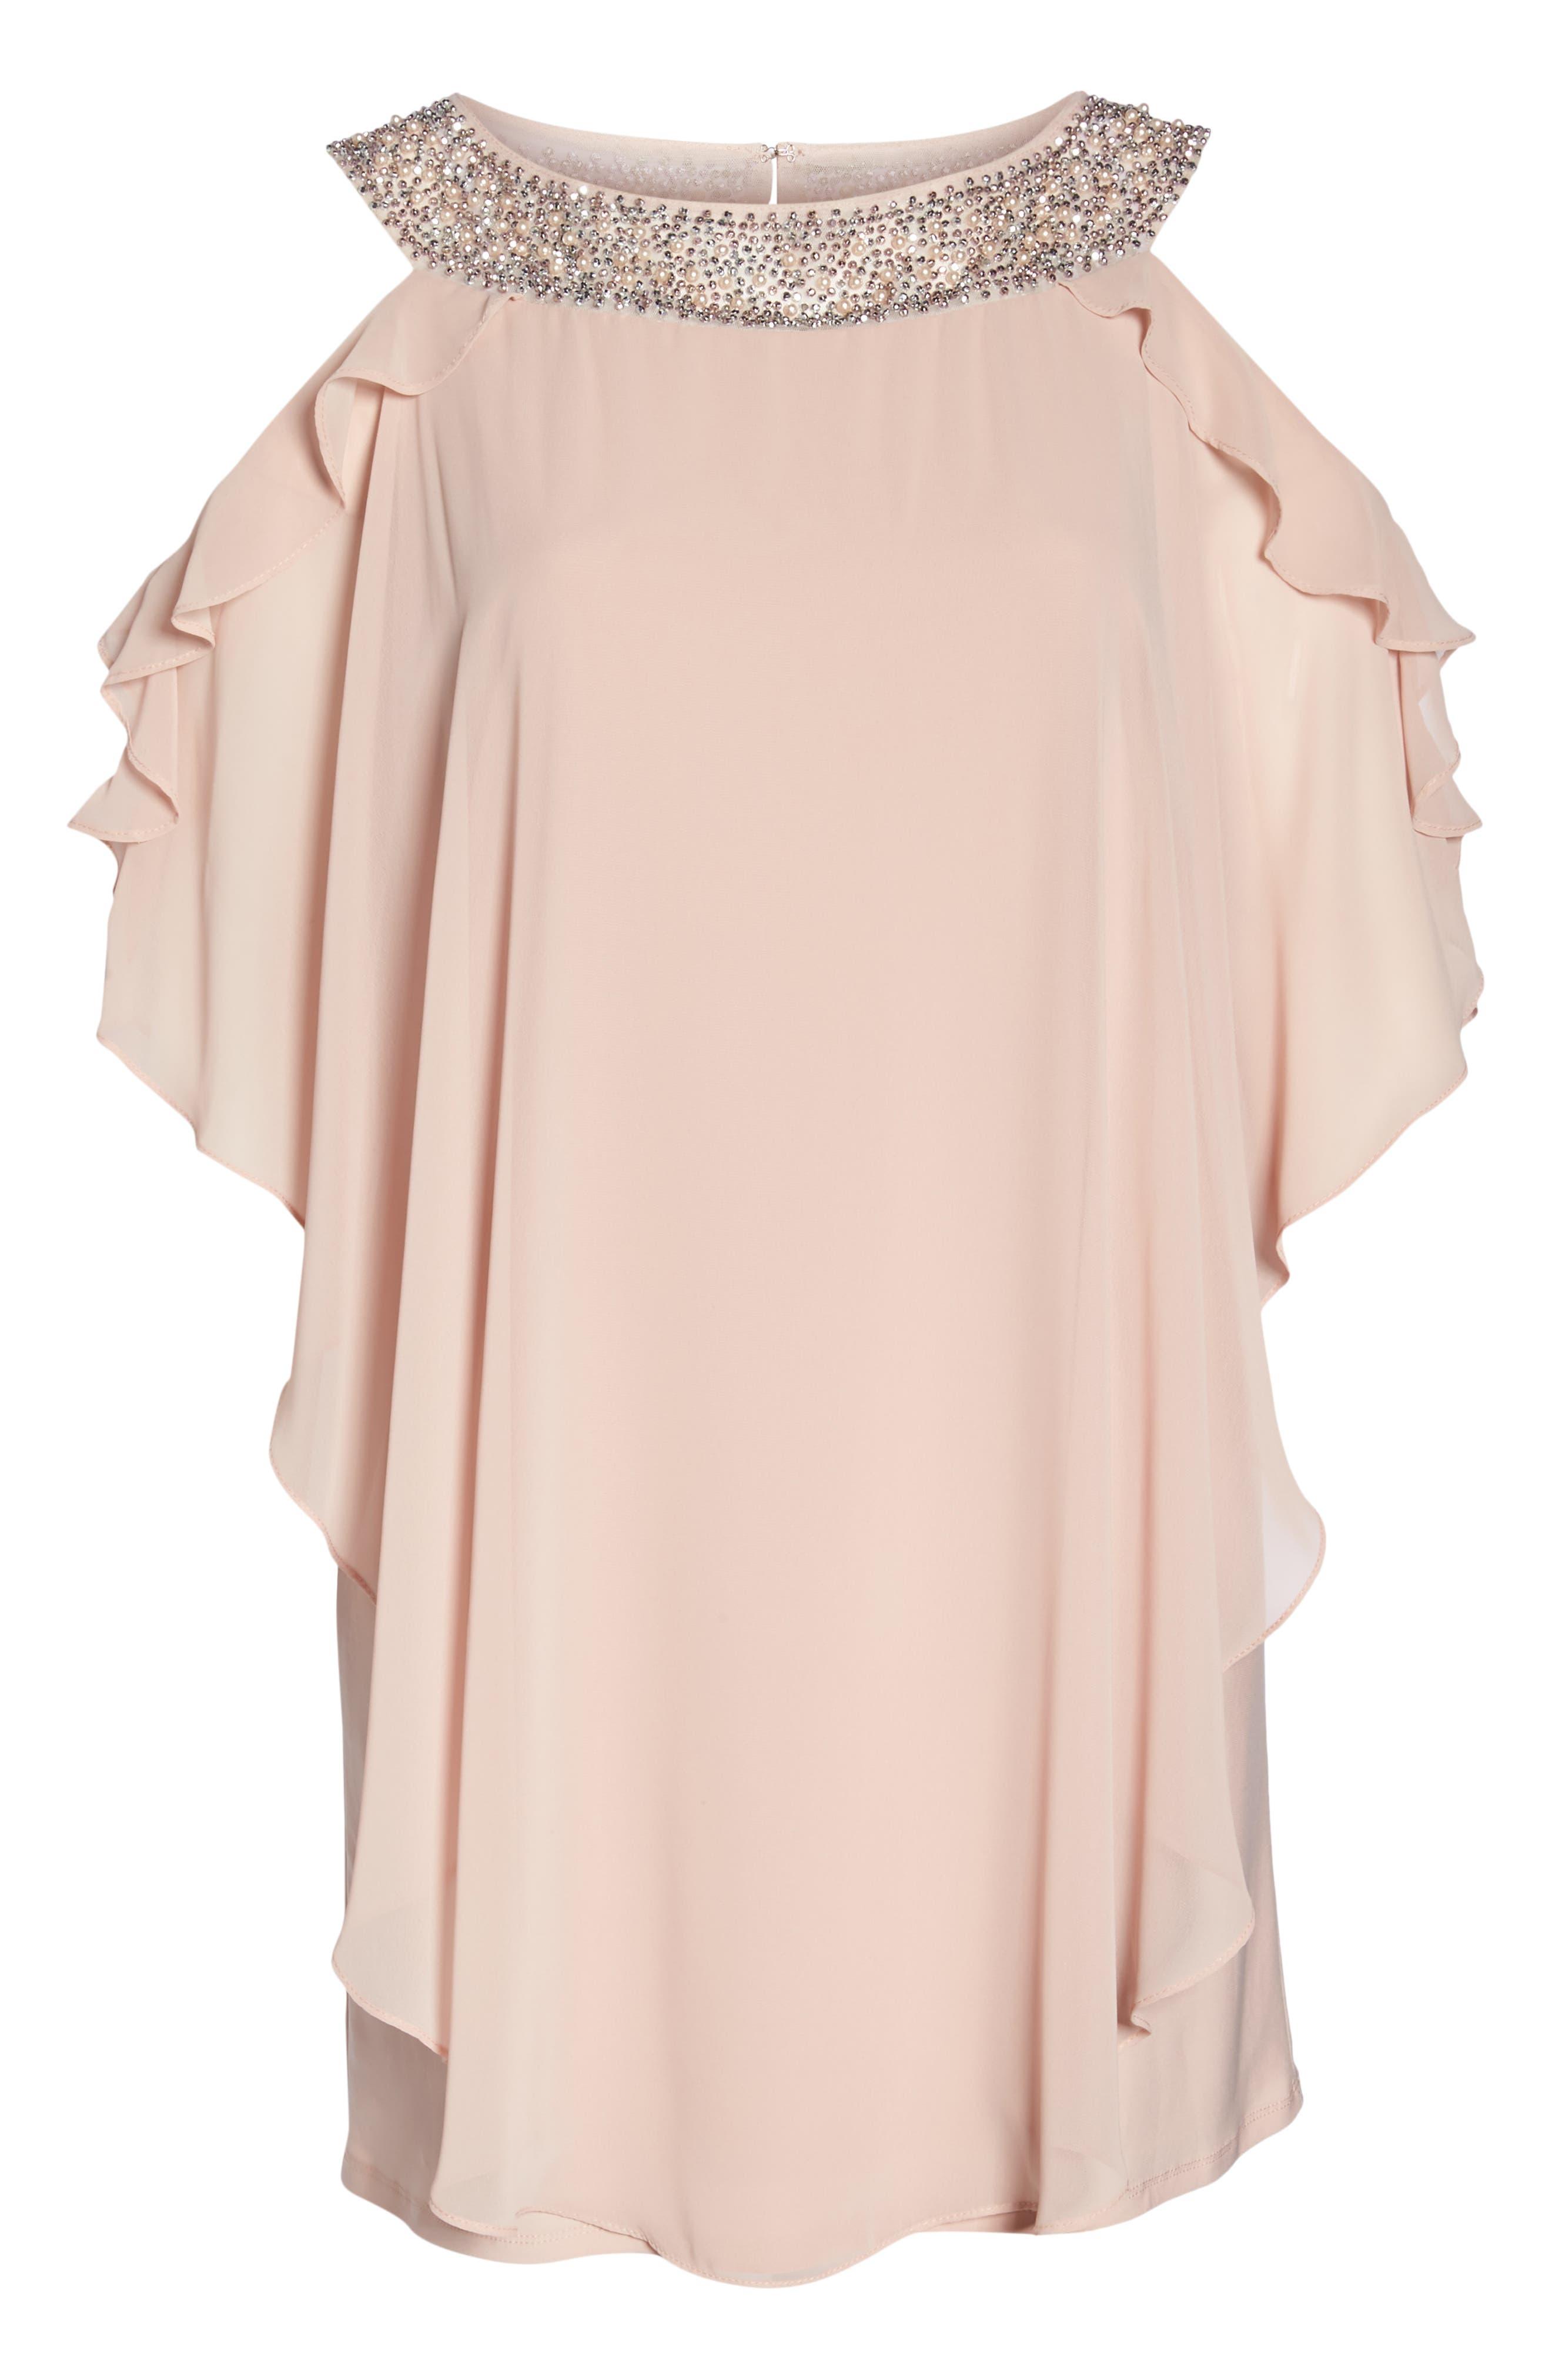 Embellished Neck Cold Shoulder Overlay Chiffon Shift Dress,                             Alternate thumbnail 6, color,                             BLUSH